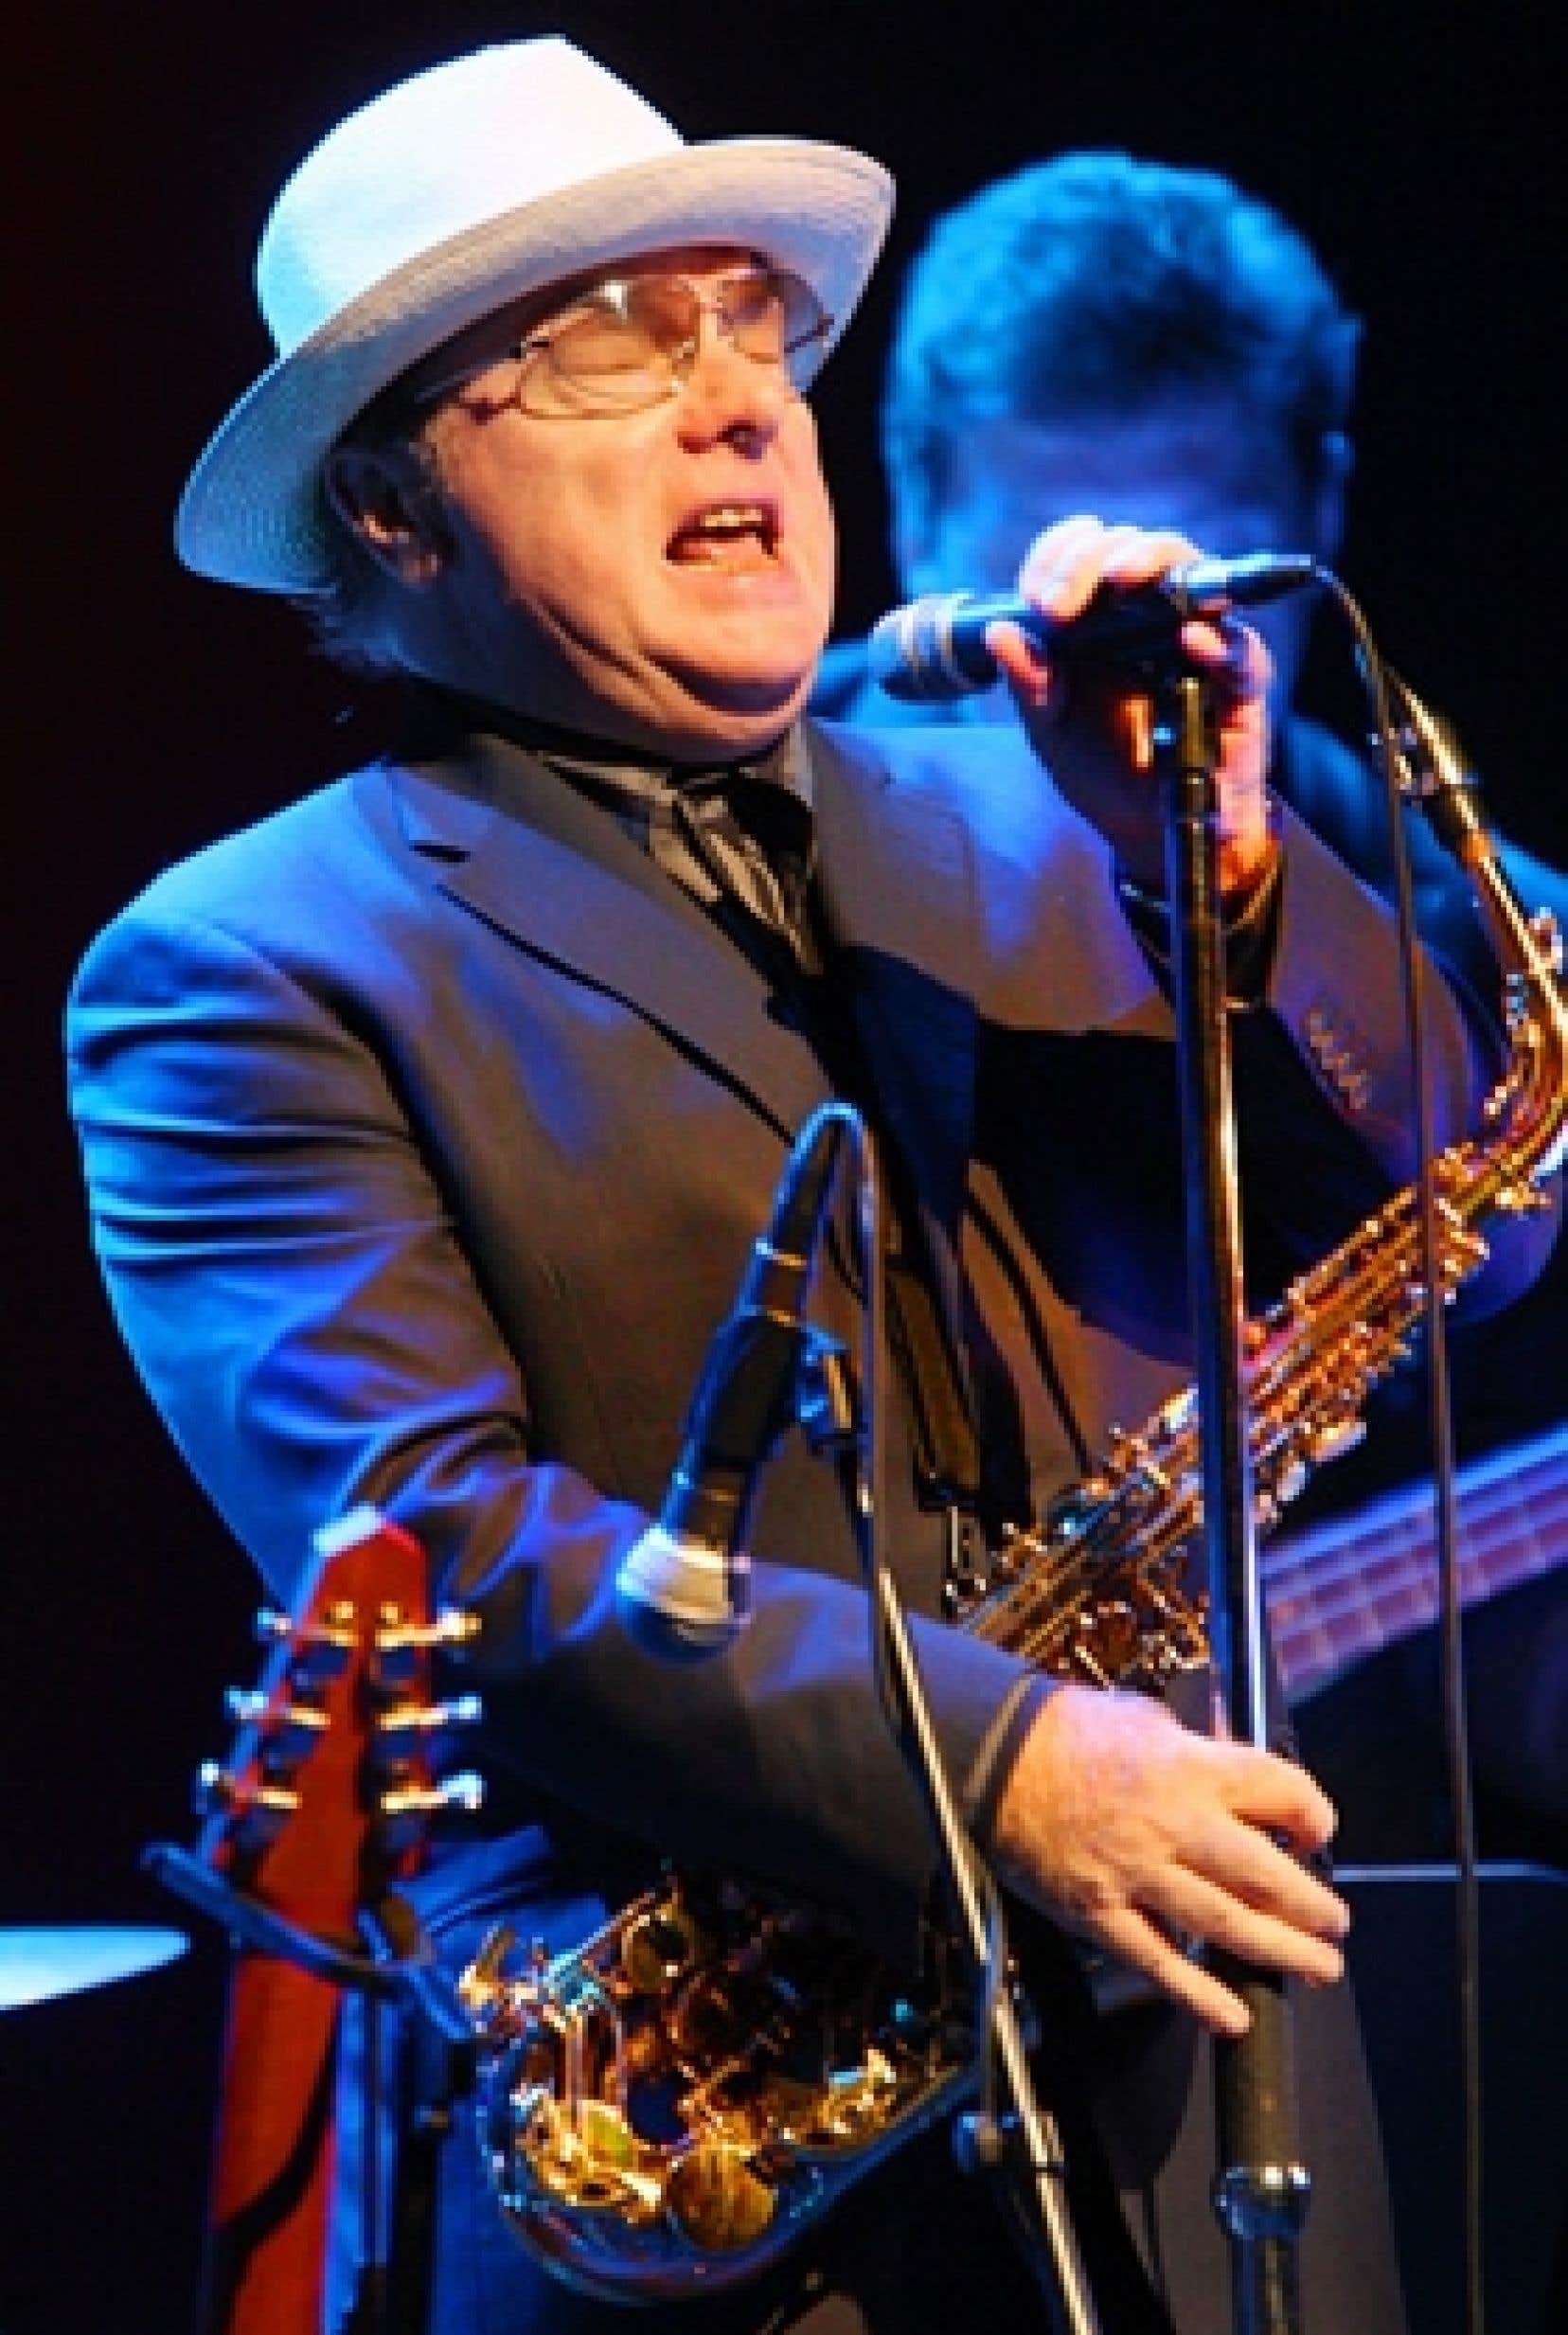 Le spectacle donné par Van Morrison était un des moments forts du 28e Festival international de jazz de Montréal.